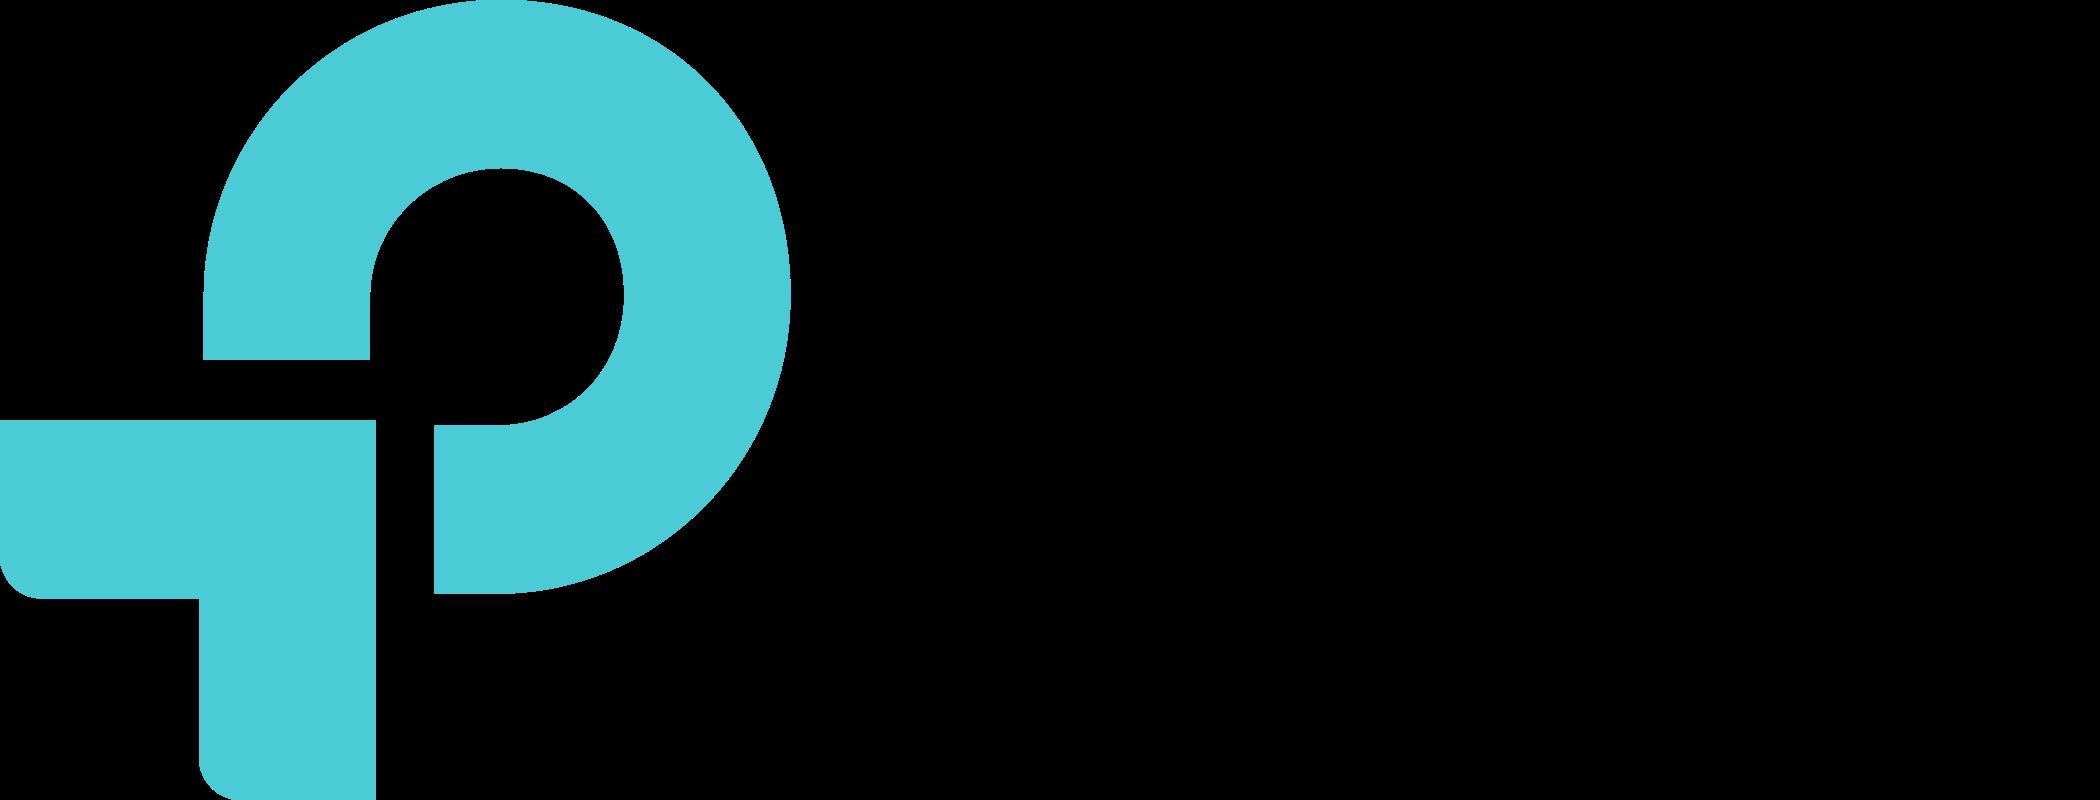 tp link logo 1 - TP-Link Logo